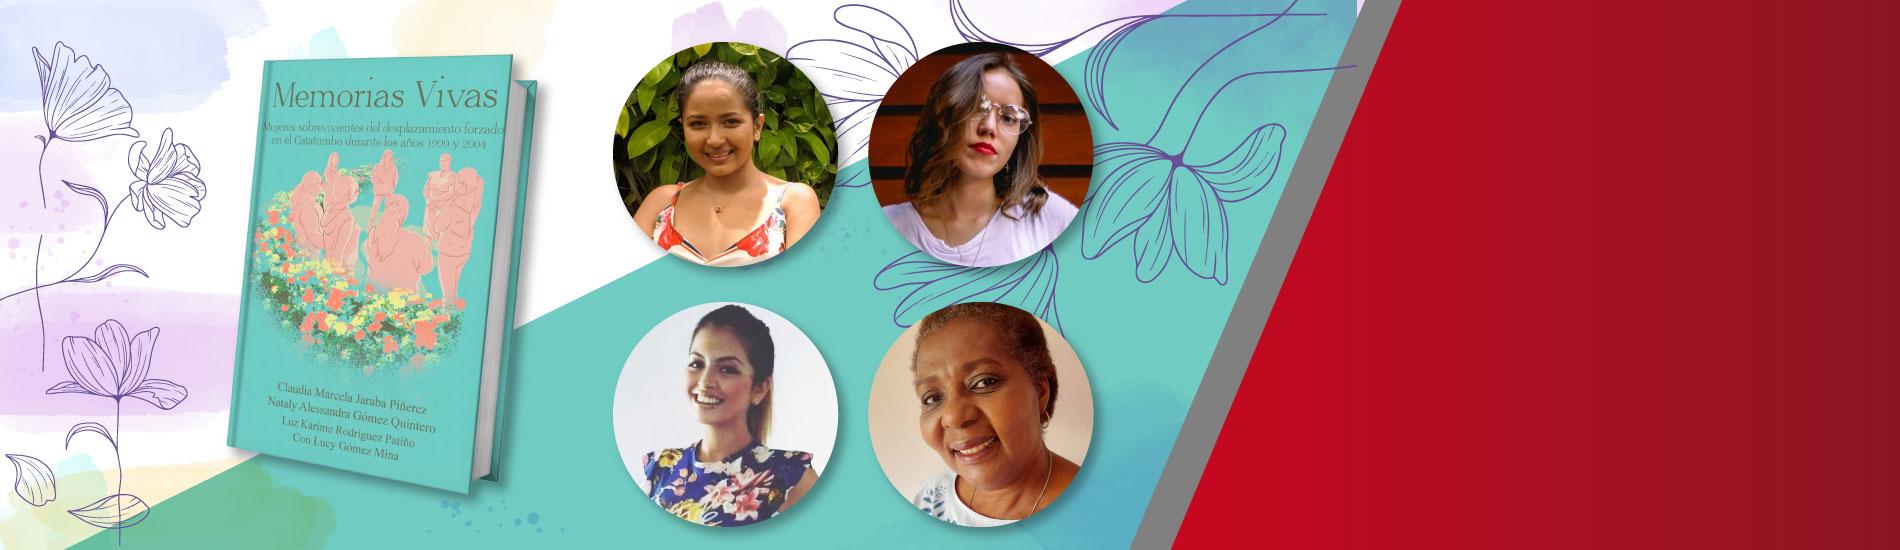 Estudiantes de Comunicación Social cuentan en un libro historias de mujeres víctimas del conflicto